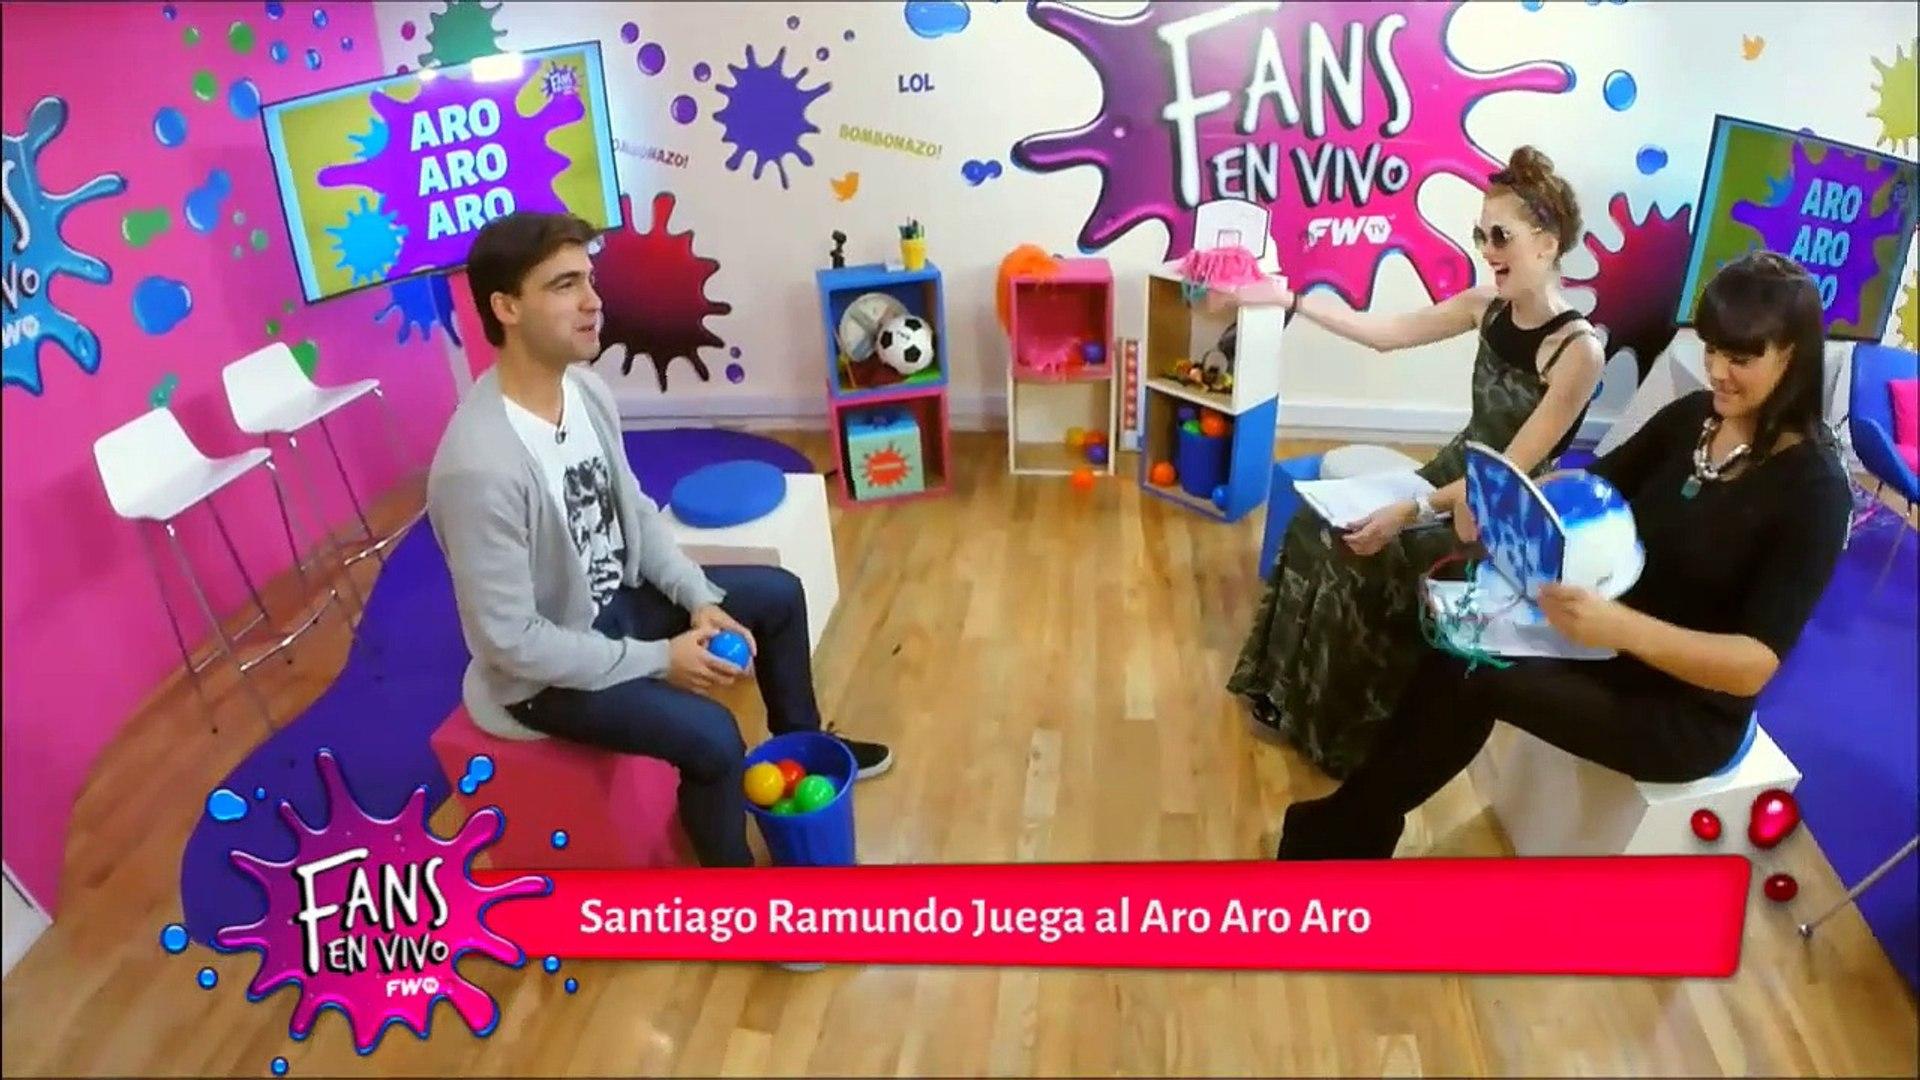 Santiago Ramundo juega al Aro Aro Aro - Fans en Vivo #86